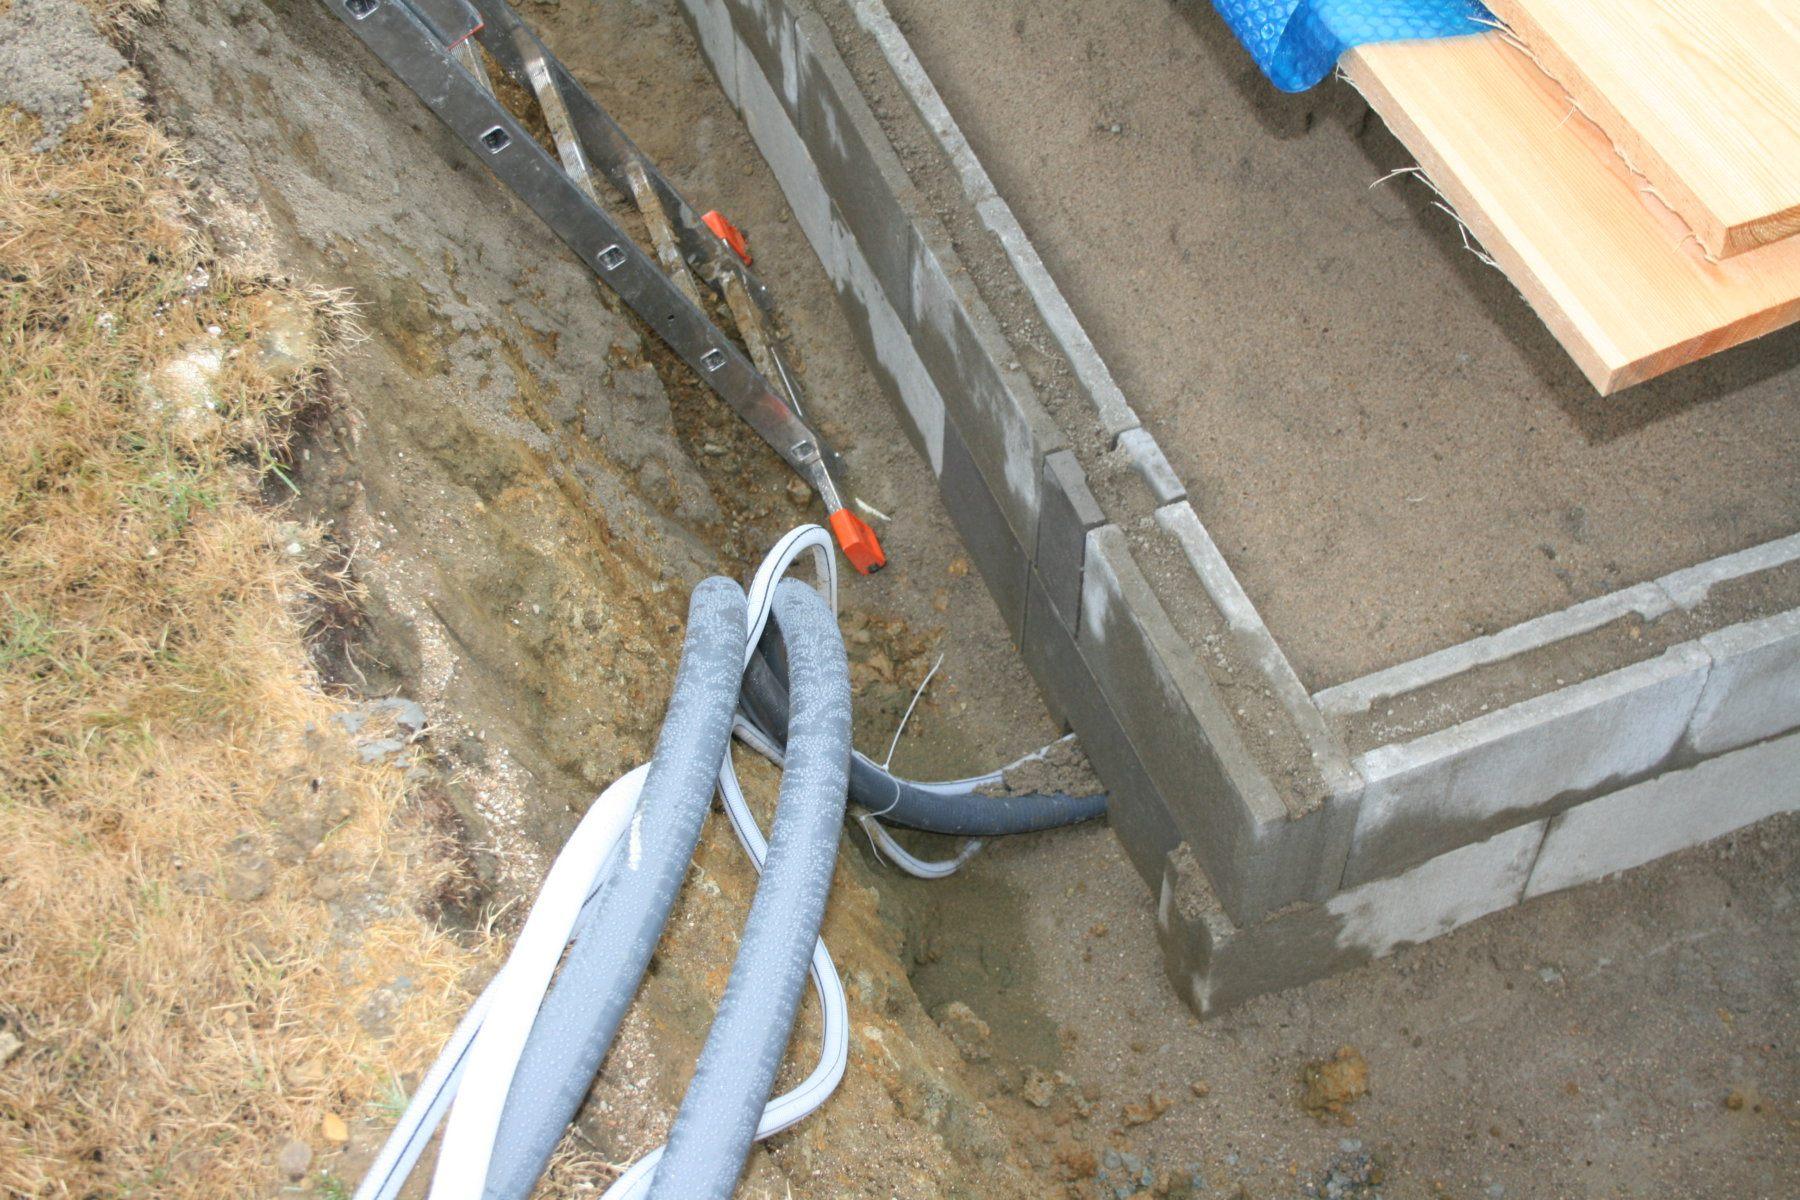 Instalace keramického bazénu a obsypání bazénu suchým betonem